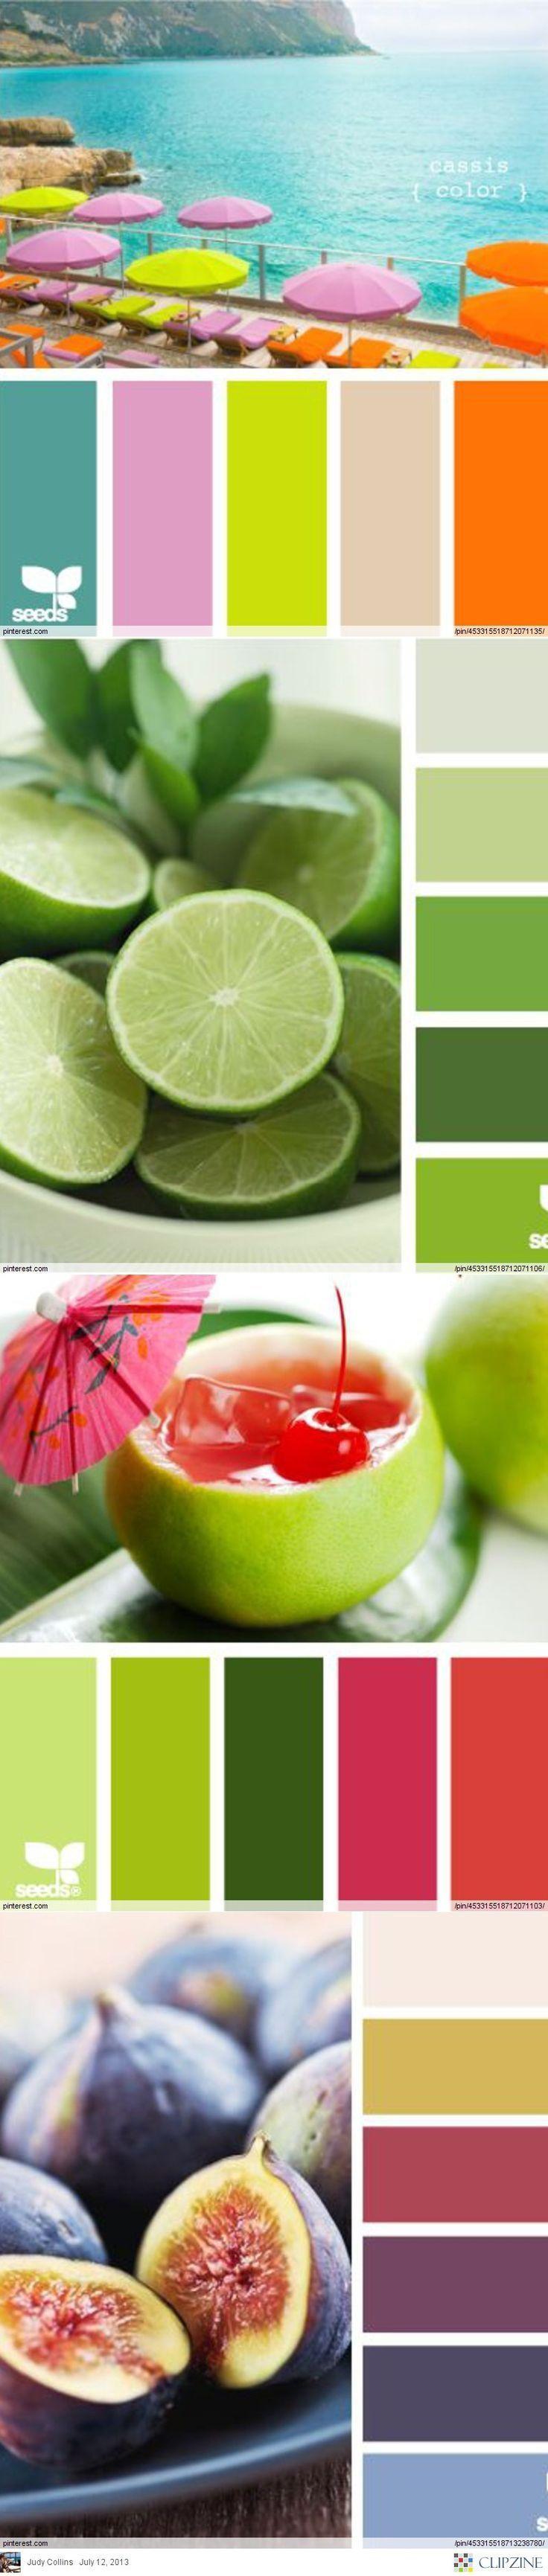 .... Voor meer inspiratie www.stylingentren... of www.facebook.com/stylingentrends dit is geen ontwerp van S&T maar wel wat ons aanspreekt